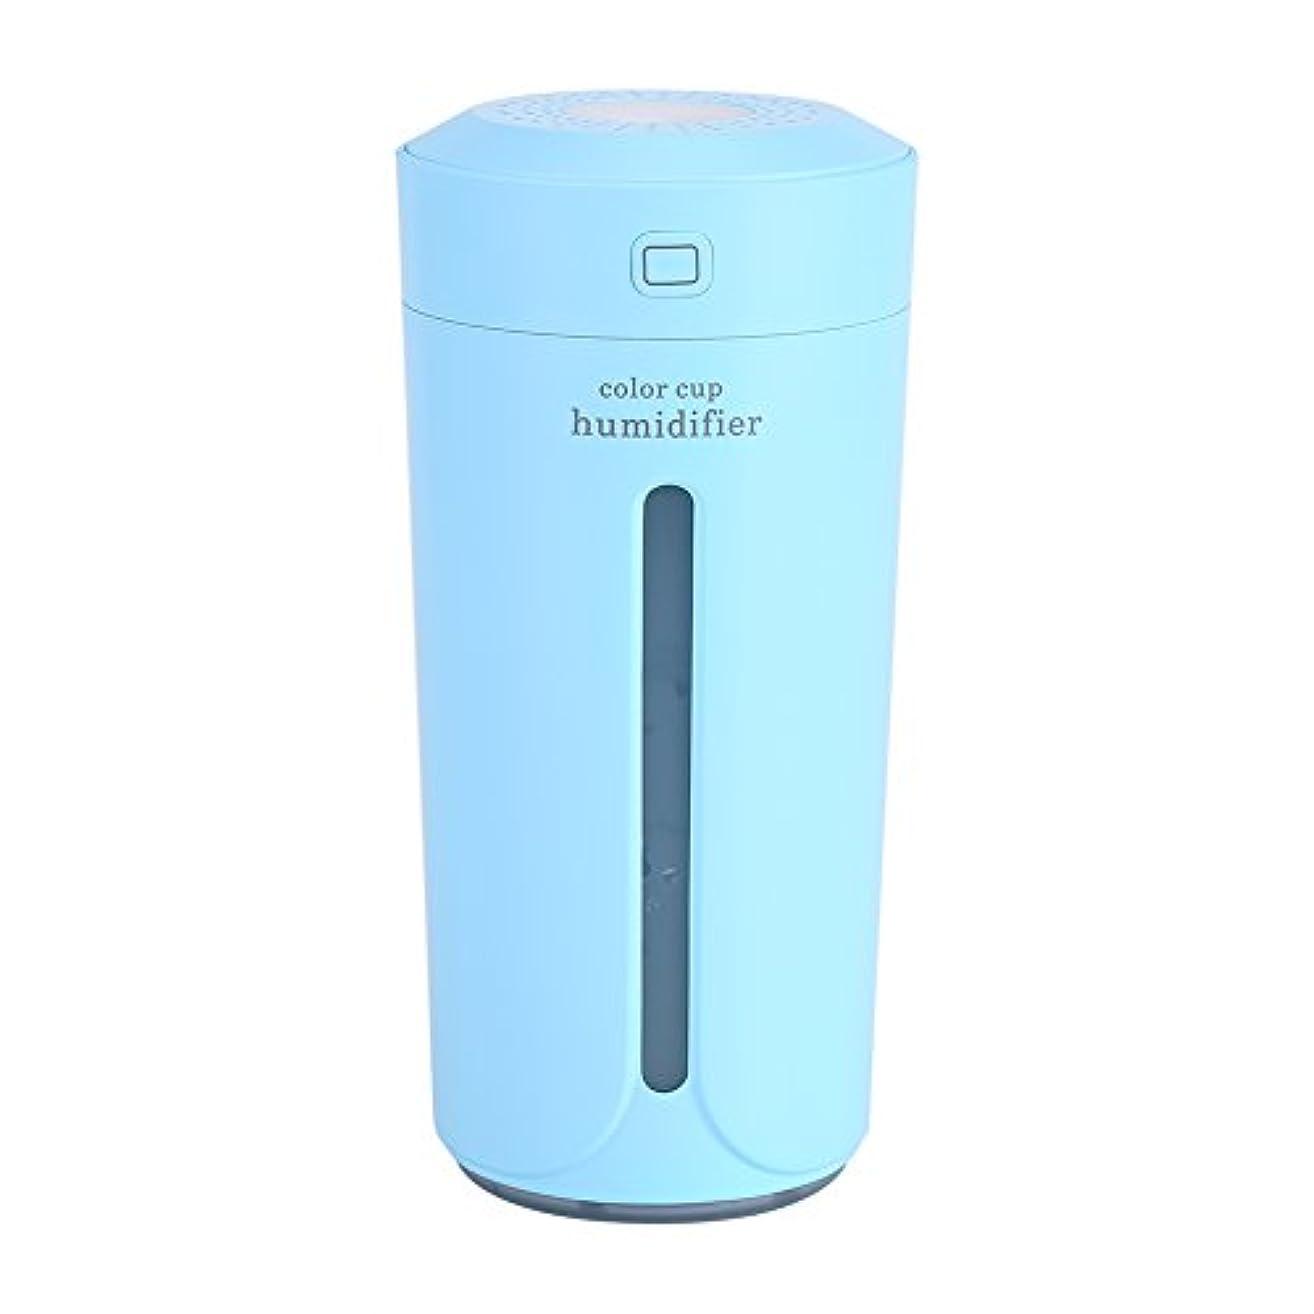 リビジョン大きなスケールで見ると暖かく空気加湿器、携帯用LED USBの空気霧の噴霧器の加湿器の清浄器の家の寝室(青)